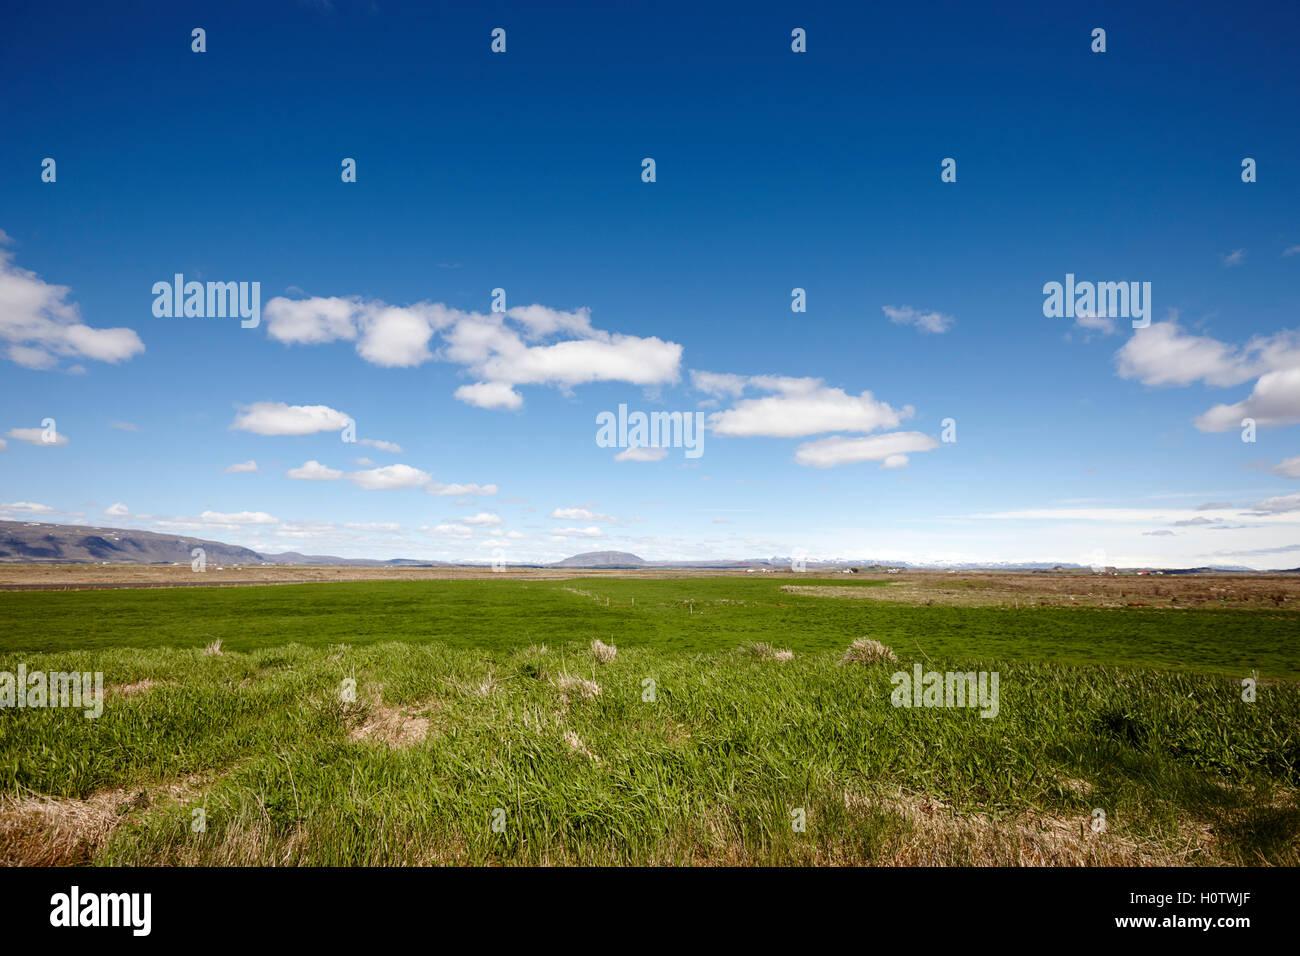 Wolken am blauen Himmel über einem üppigen fruchtbaren Tal von Ackerland in Island Stockbild